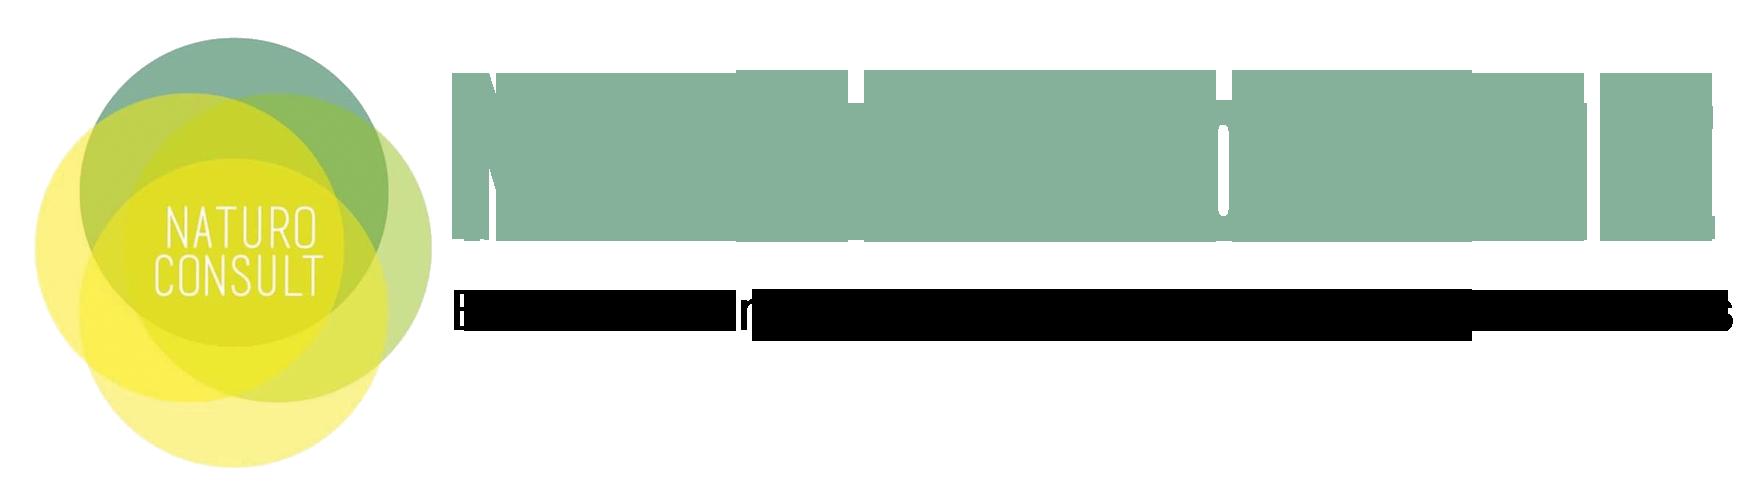 Naturo Consult